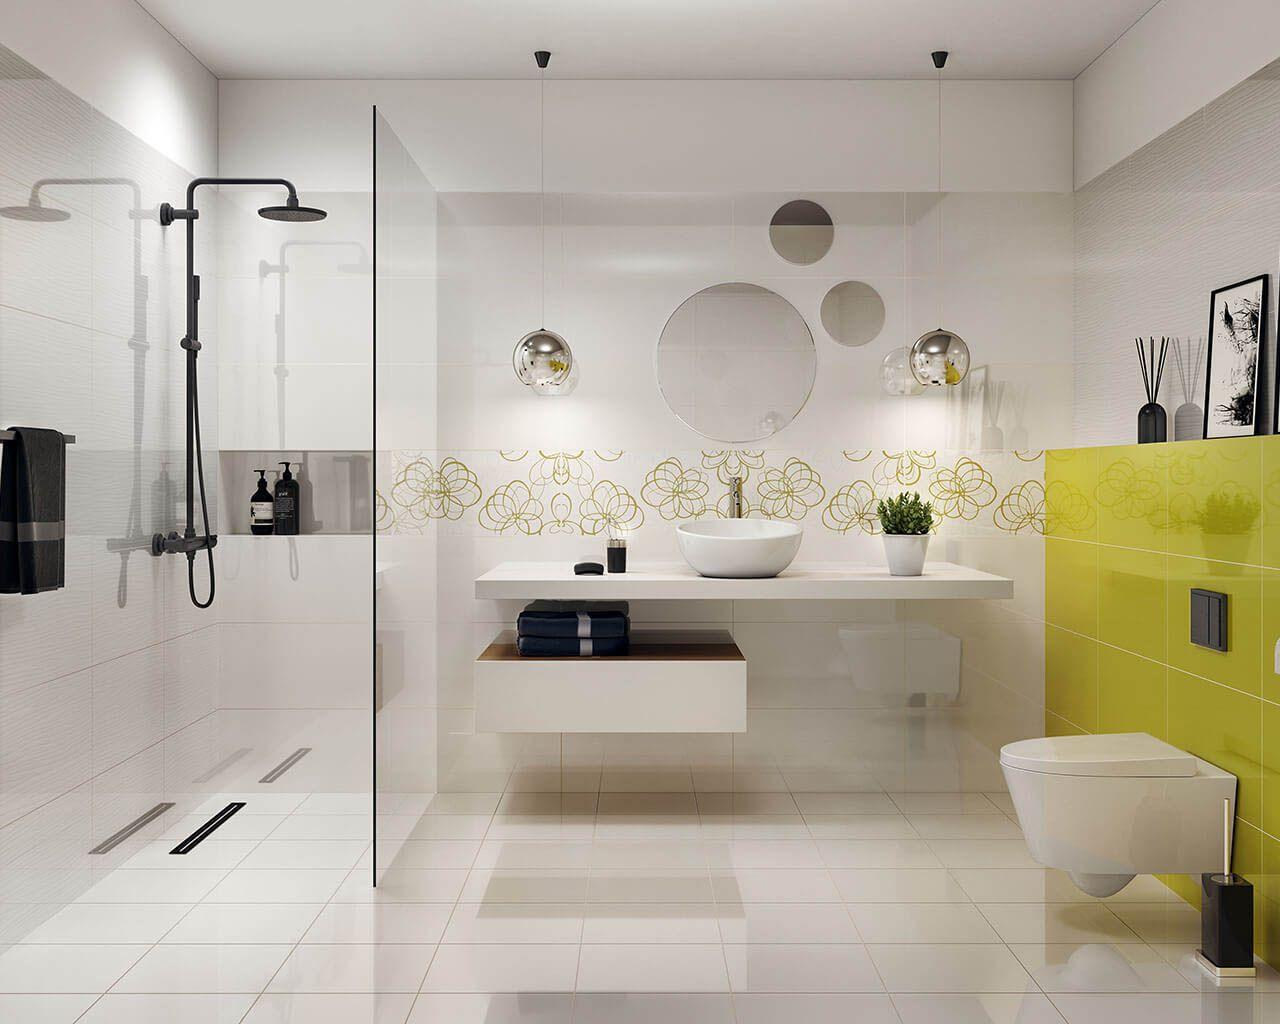 Vividavivido Bathroom Tiles With A Floral Motif In Lively